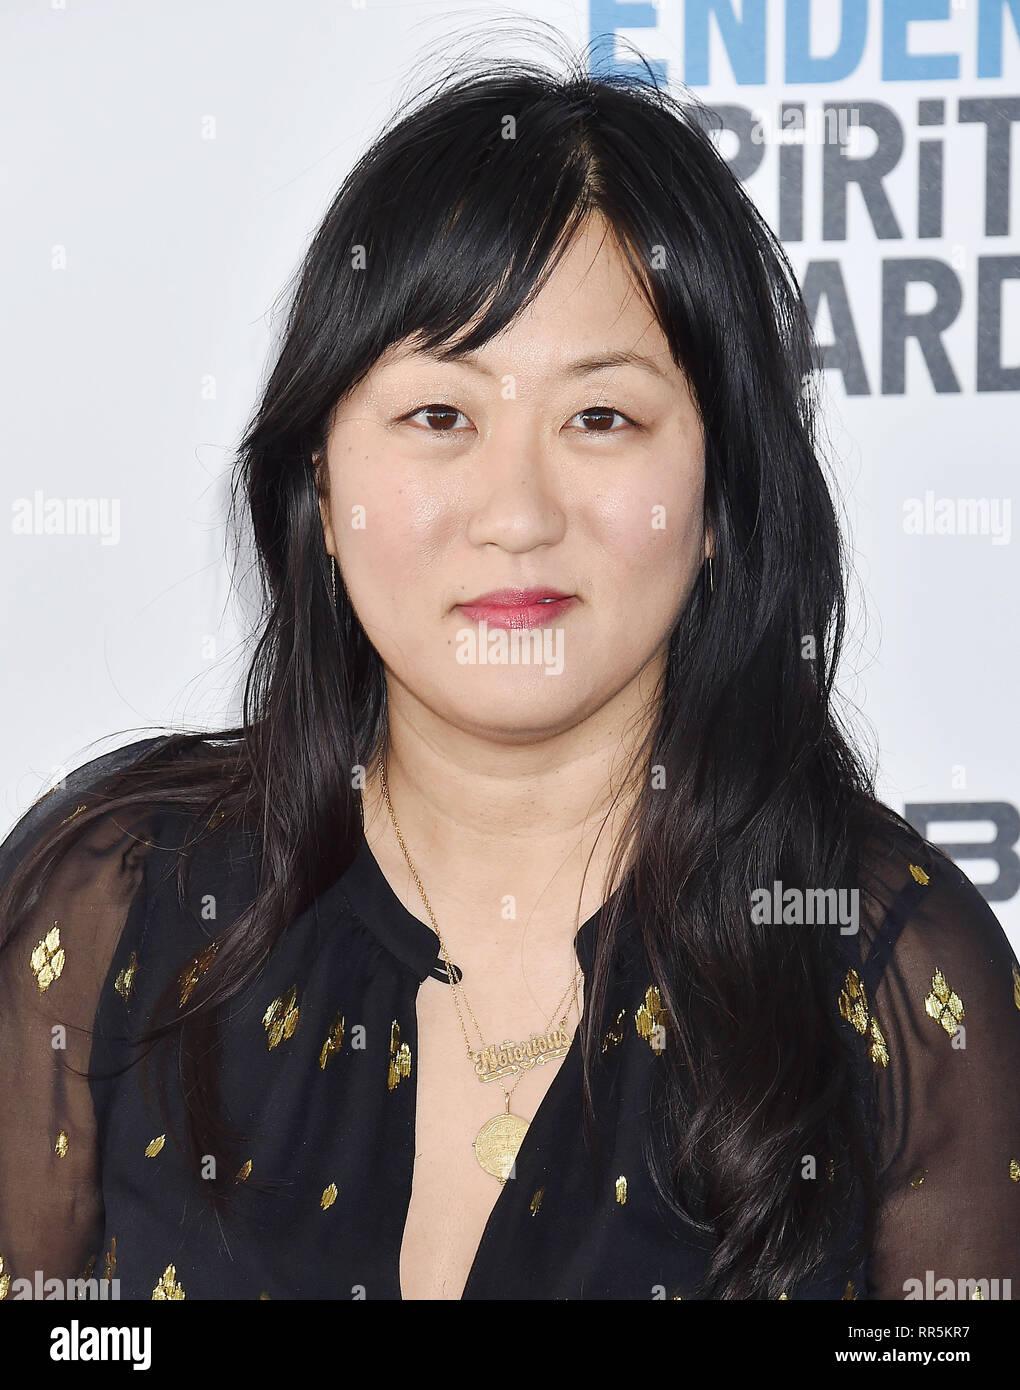 SANTA MONICA, CA - 23 février: Christina Choe assiste au Film Independent Spirit Awards 2019 sur la plage le 23 février 2019 à Santa Monica, Cali Photo Stock